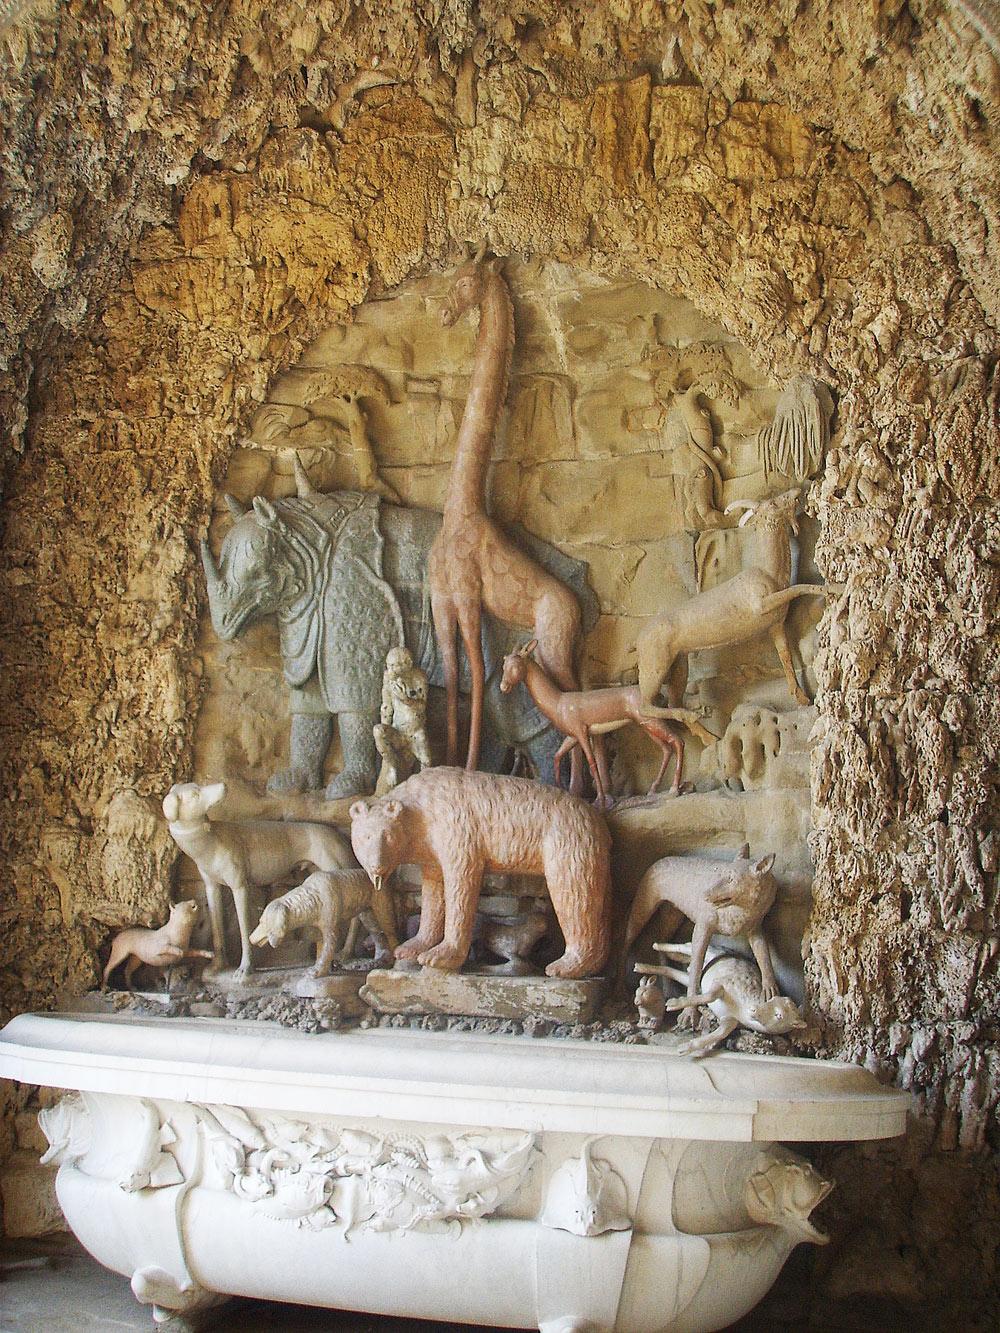 Niccolò Pericoli detto il Tribolo, Giambologna e altri, Grotta degli animali (1540-1541; gruppo scultoreo; Firenze, Villa Medicea di Castello)